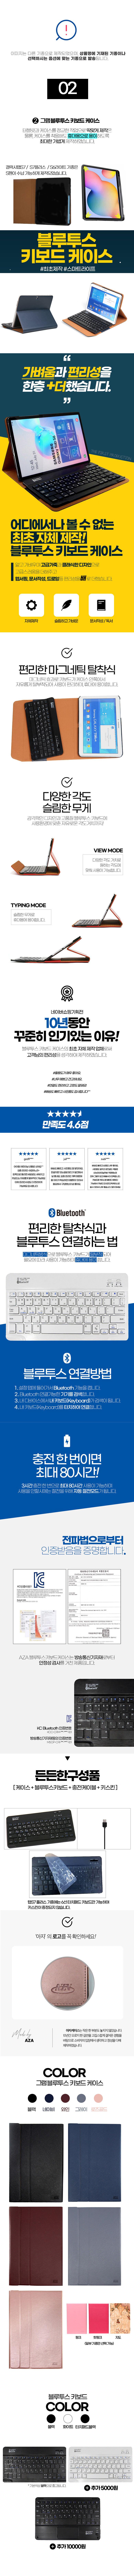 갤럭시탭S5e 10.5)그램블루투스키보드케이스 - AZV, 39,000원, 케이스, 기타 갤럭시 제품